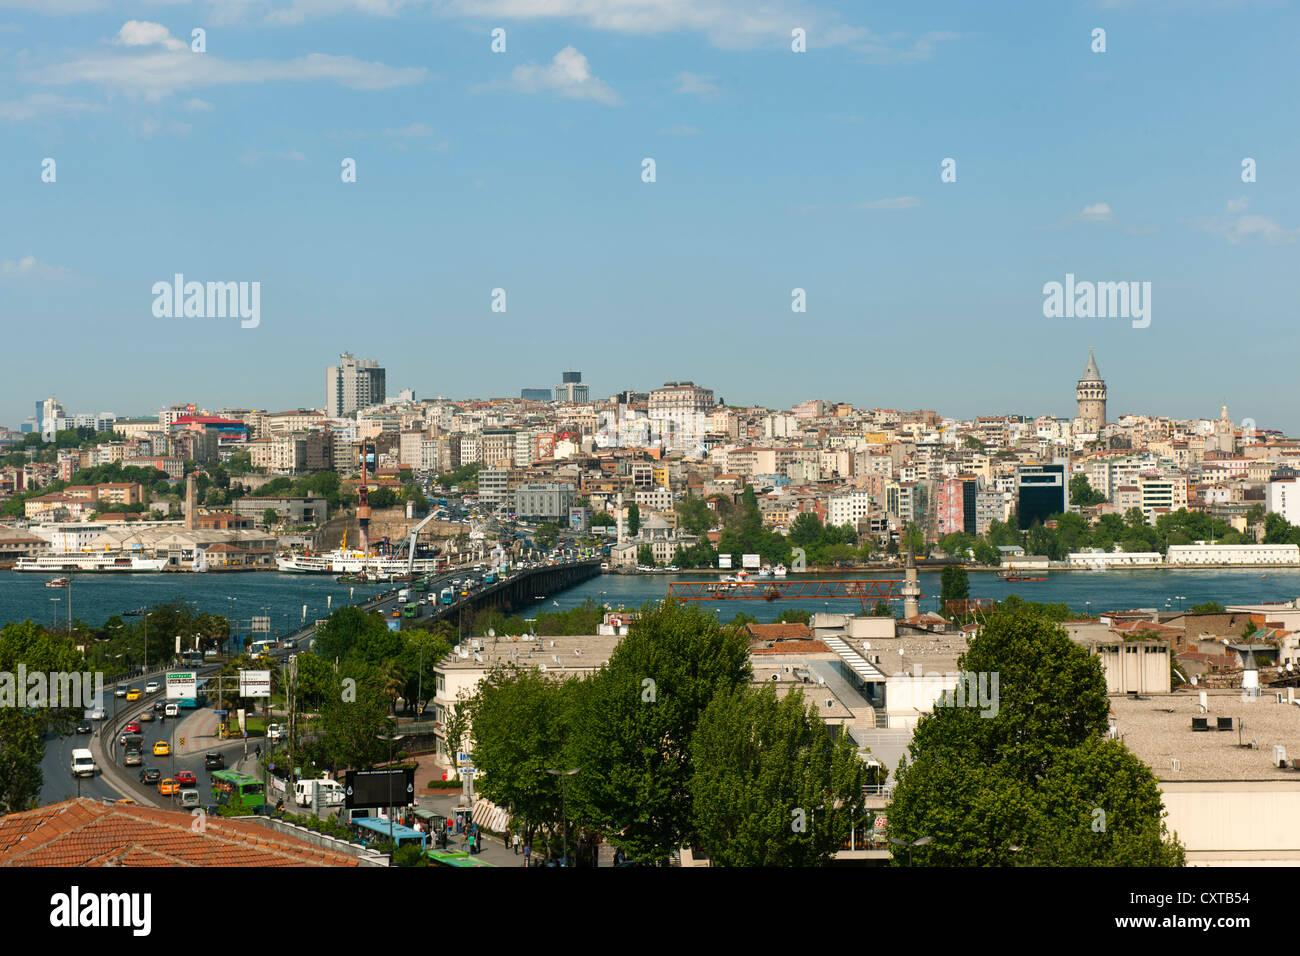 Türkei, Istanbul, Blick von Unkapani über das Goldene Horn mit der Atatürk Brücke (Unkapani - Stock Image